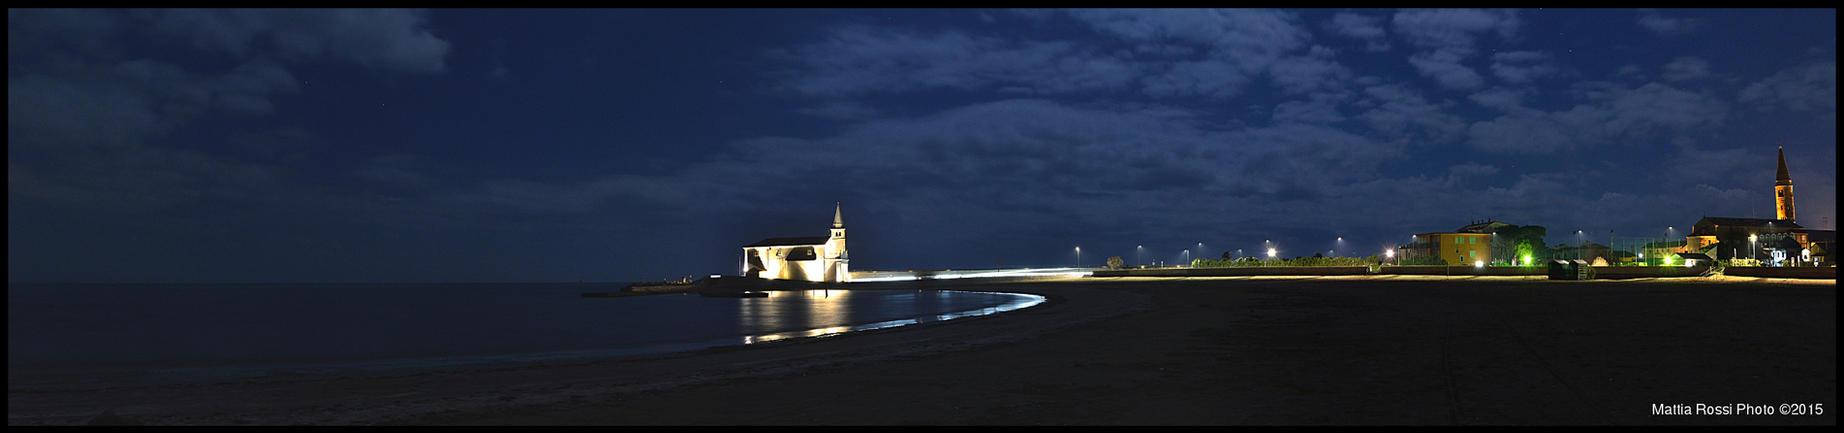 Near the sea by MattiaRossiPhoto